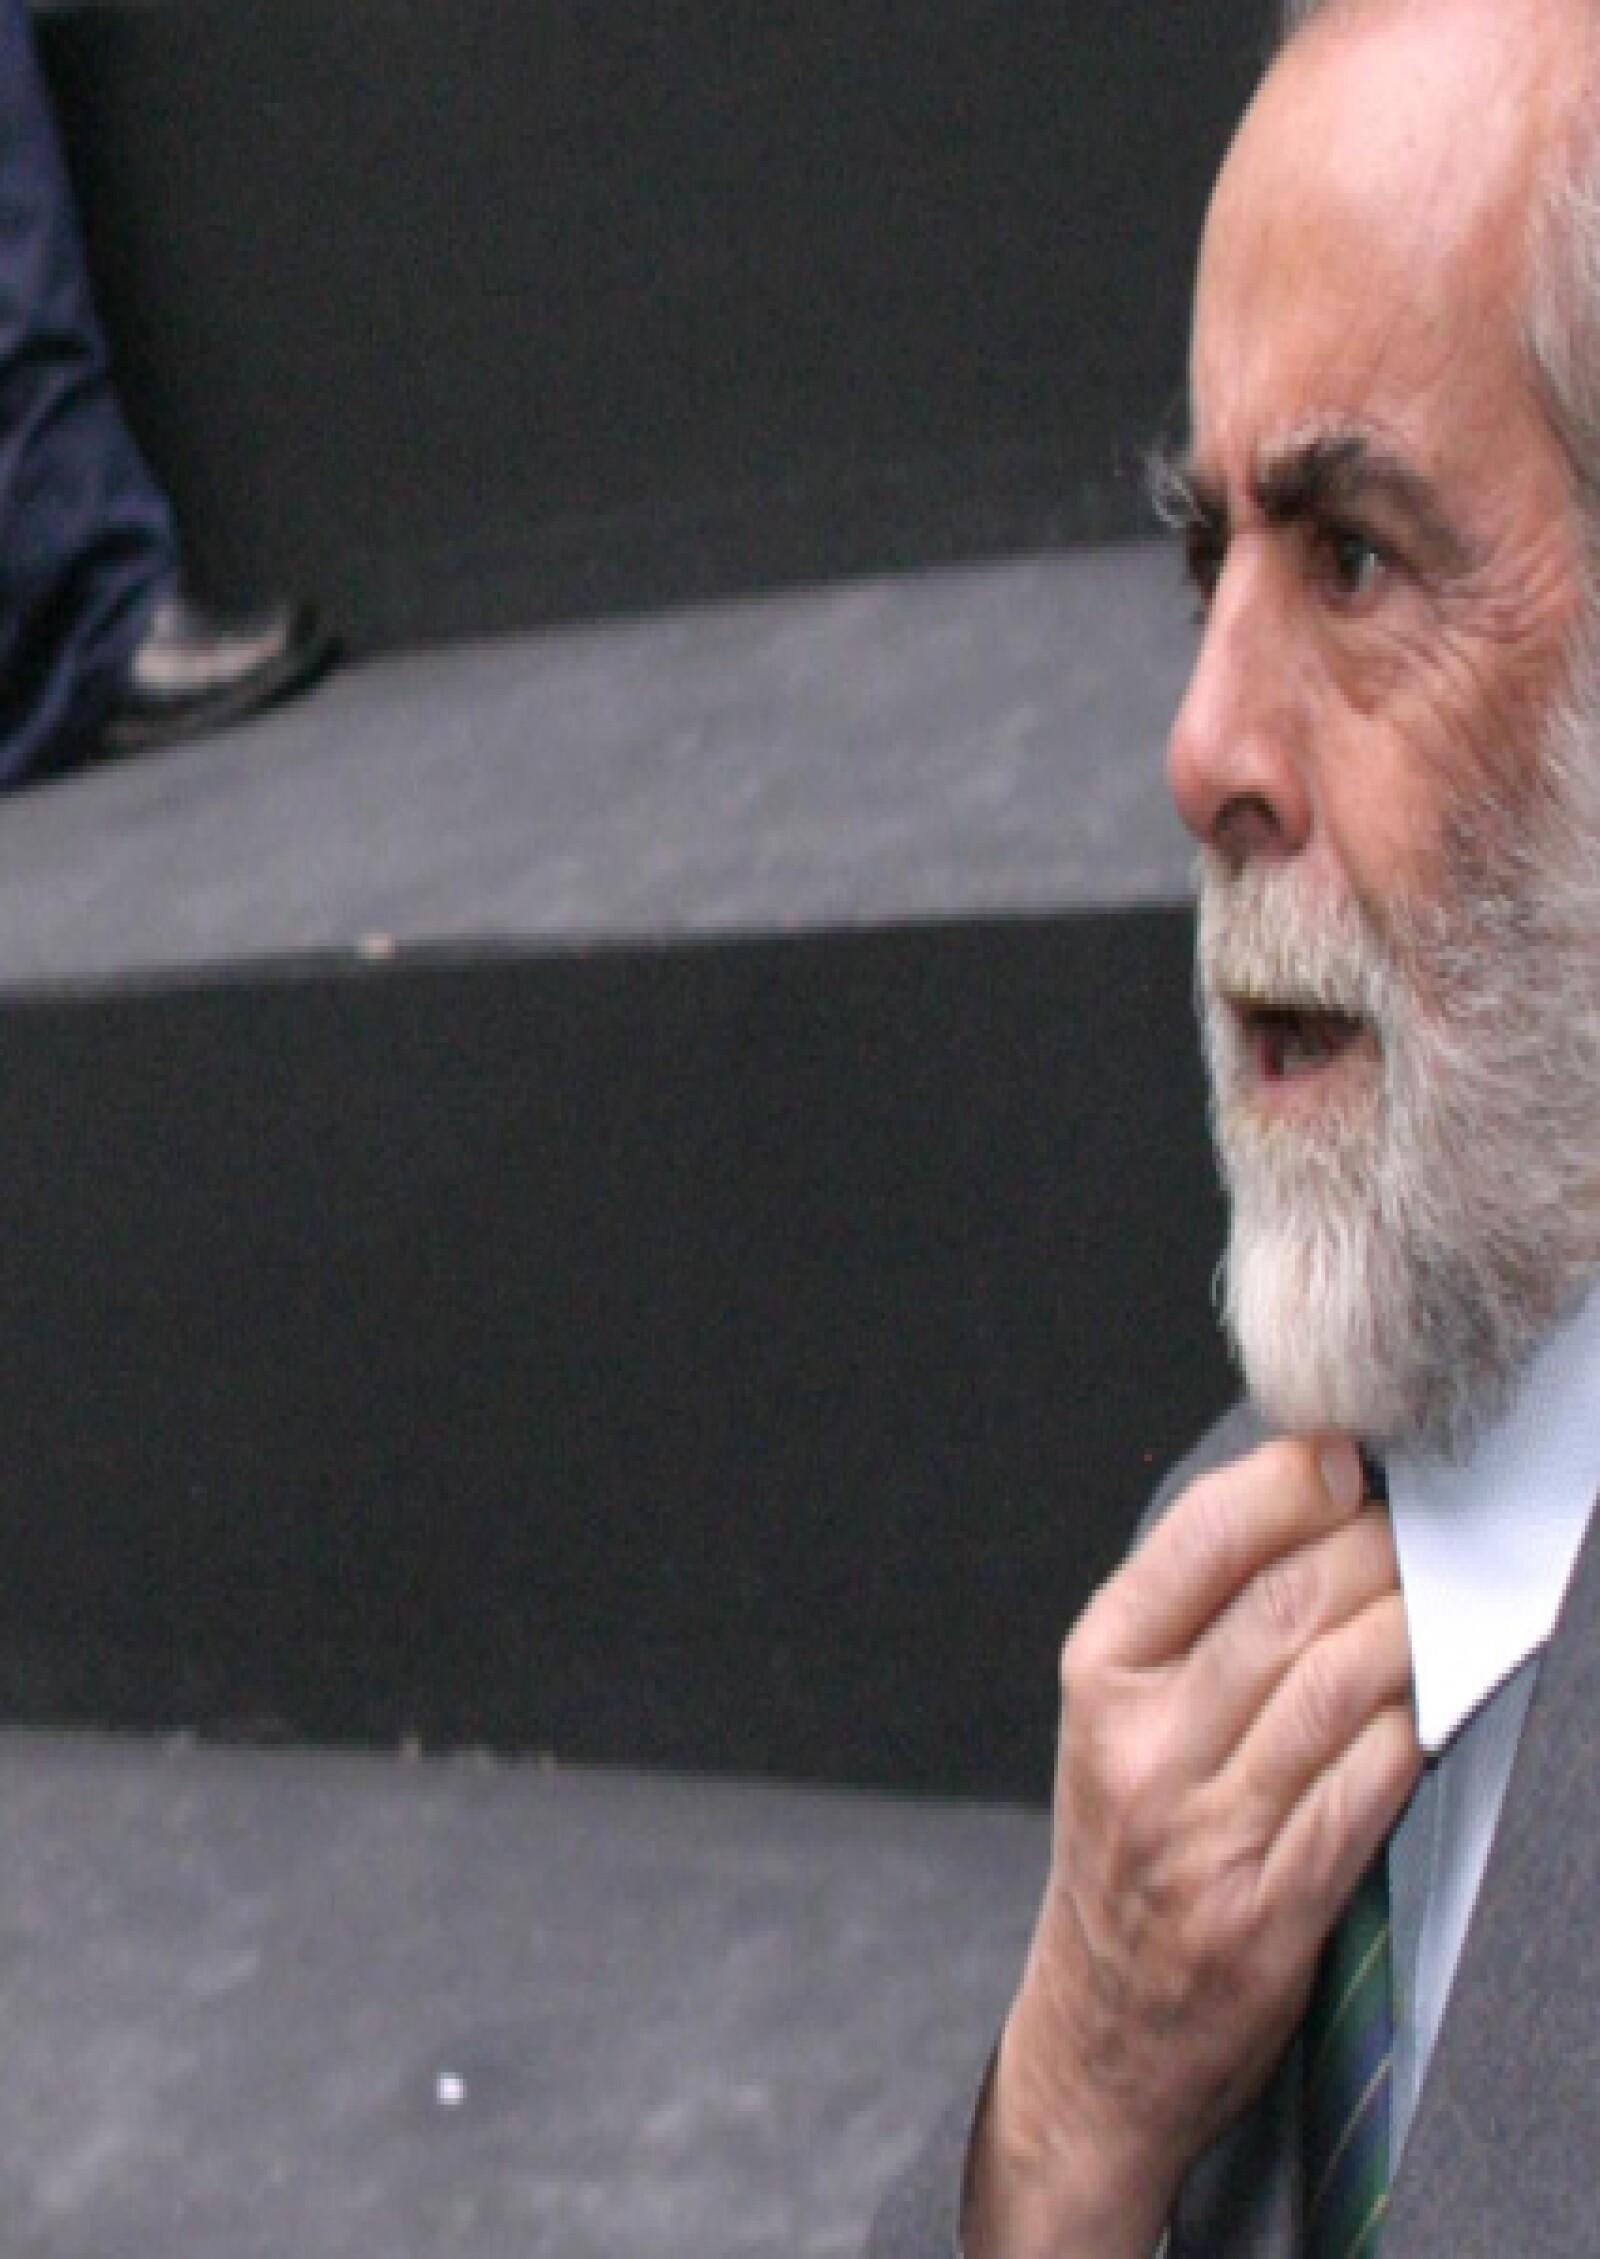 El político Diego Fernández de Cevallos fue reportado como desaparecido el sábado 15 de mayo, hasta el momento no se sabe el paradero del panista.